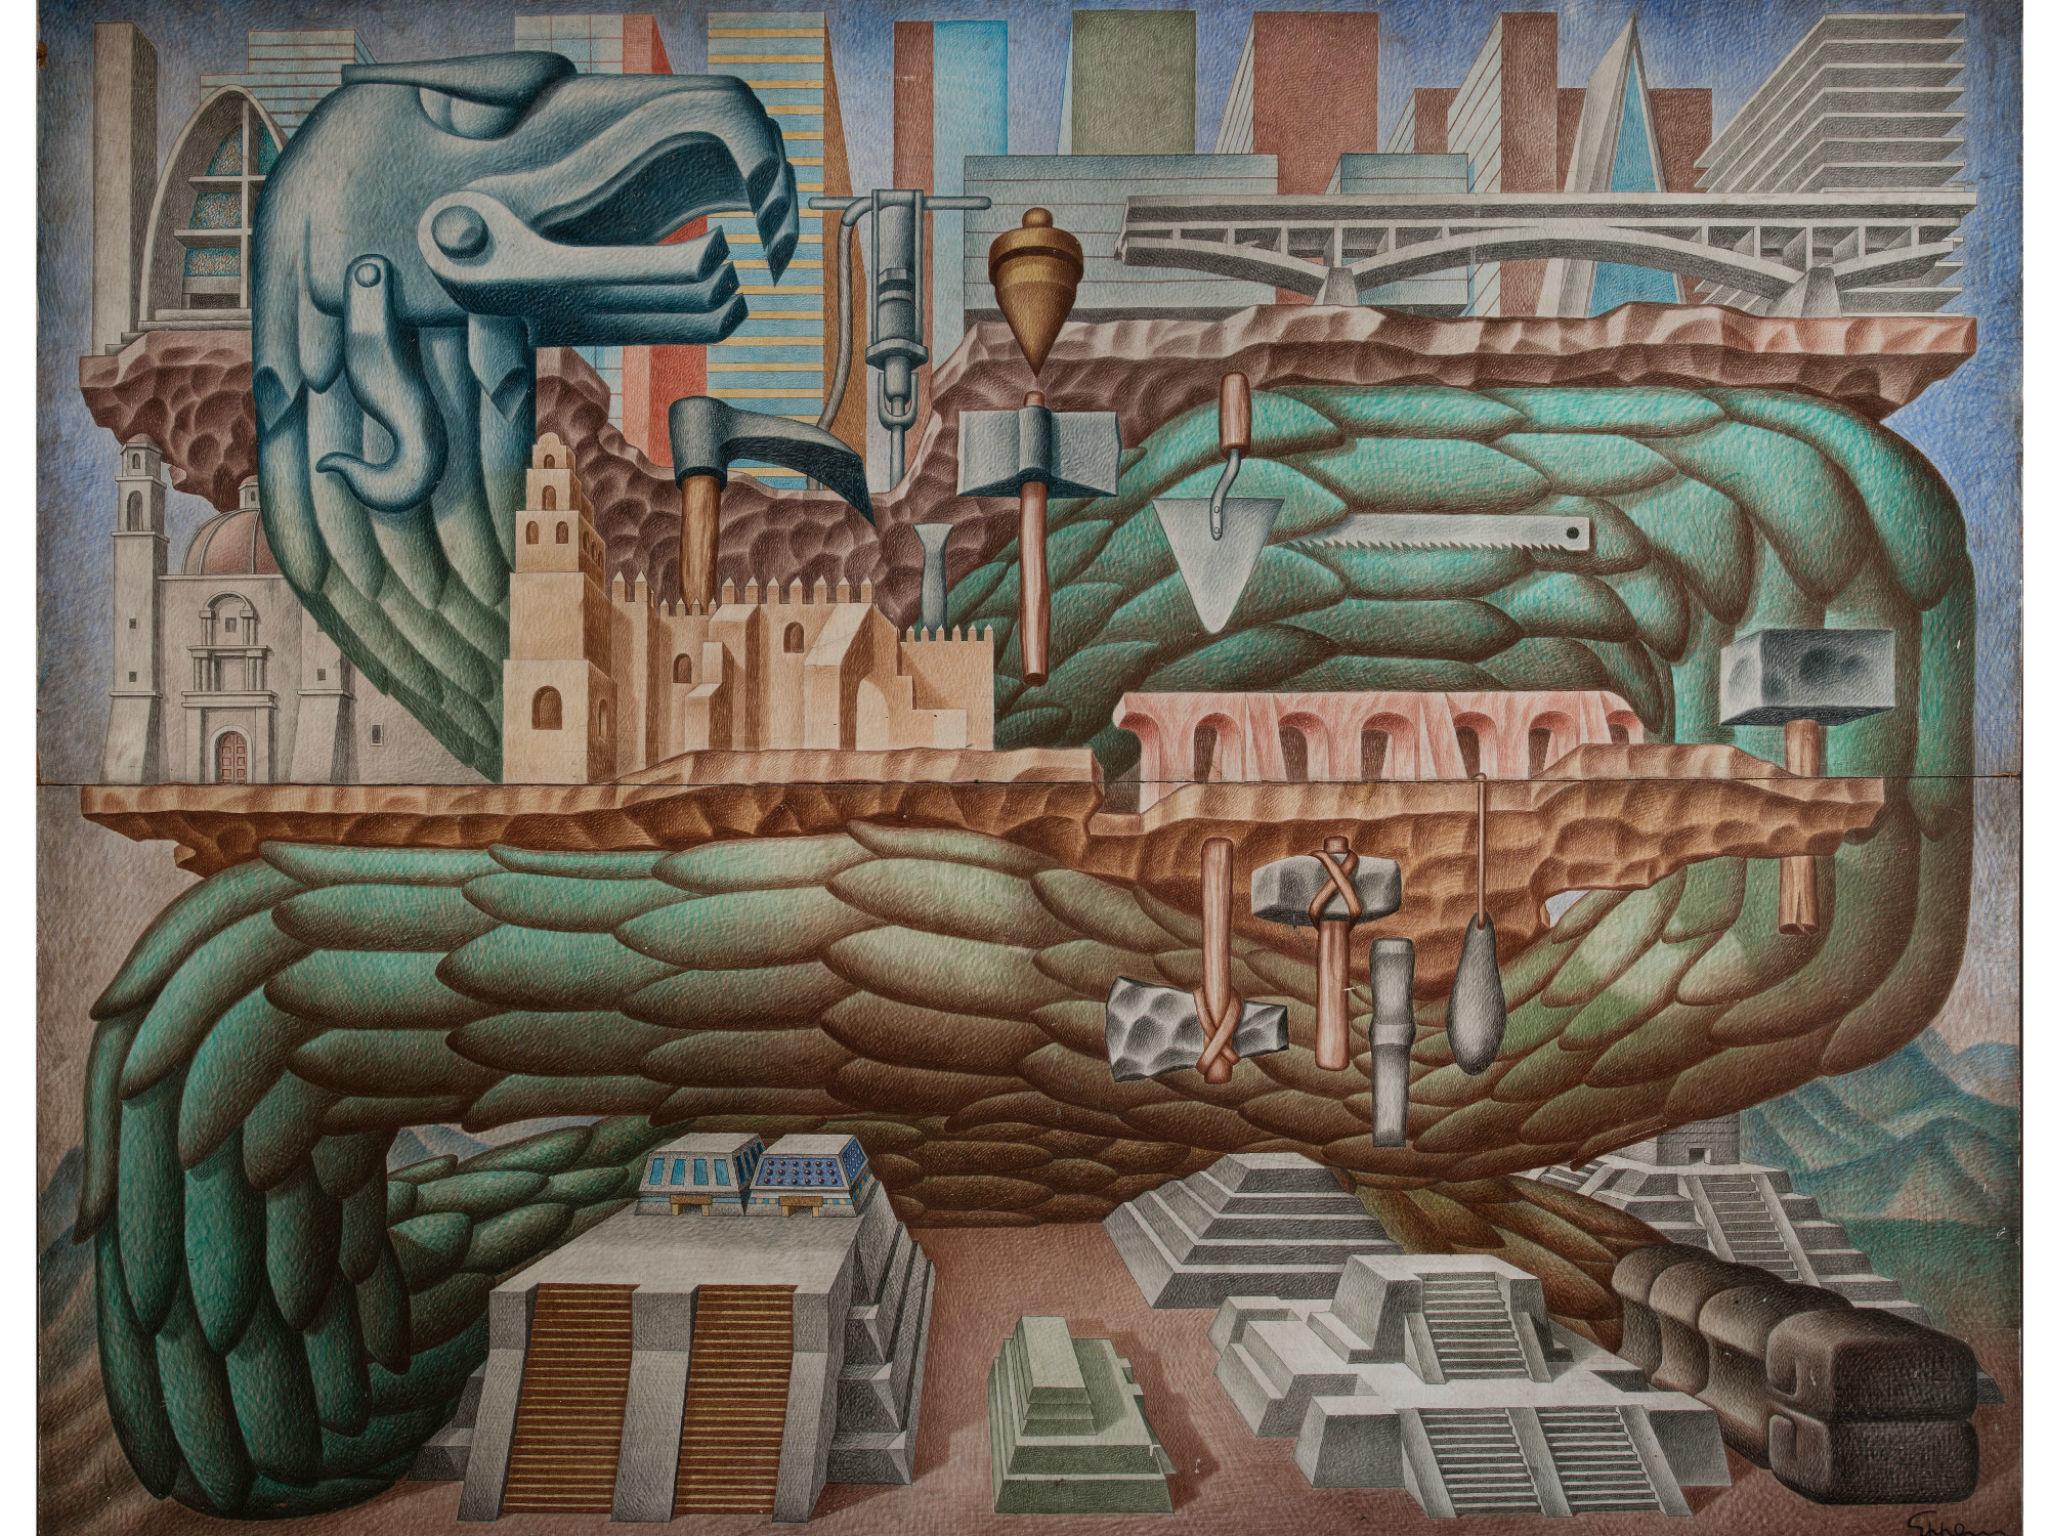 Ingeniería & Arquitectura. 70 años a través del arte en el Museo Dolores Olmedo